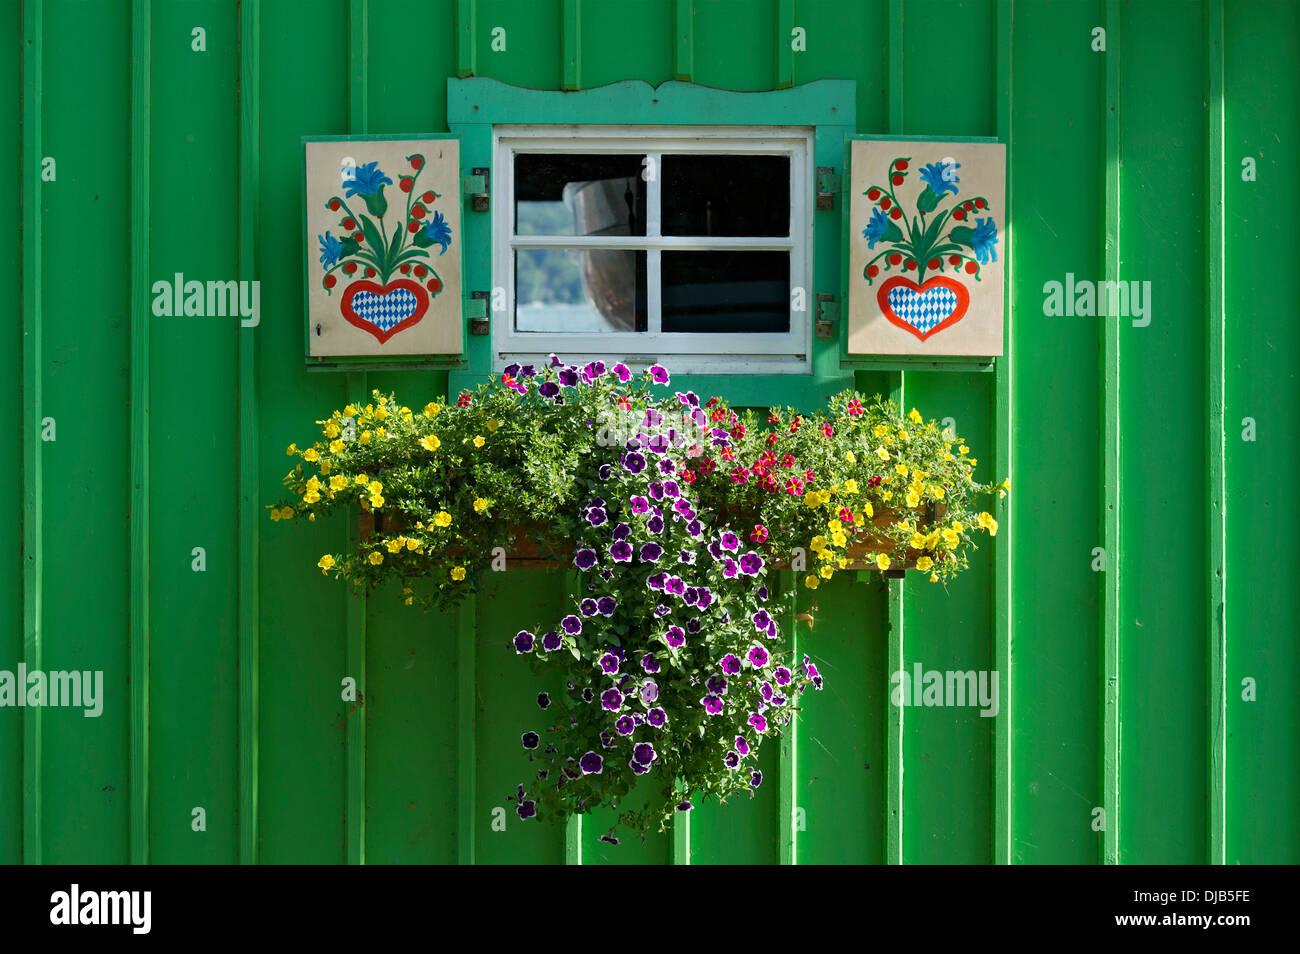 Fioriere Per Persiane ~ Finestra con persiane colorate e fioriera sul verde baita in legno